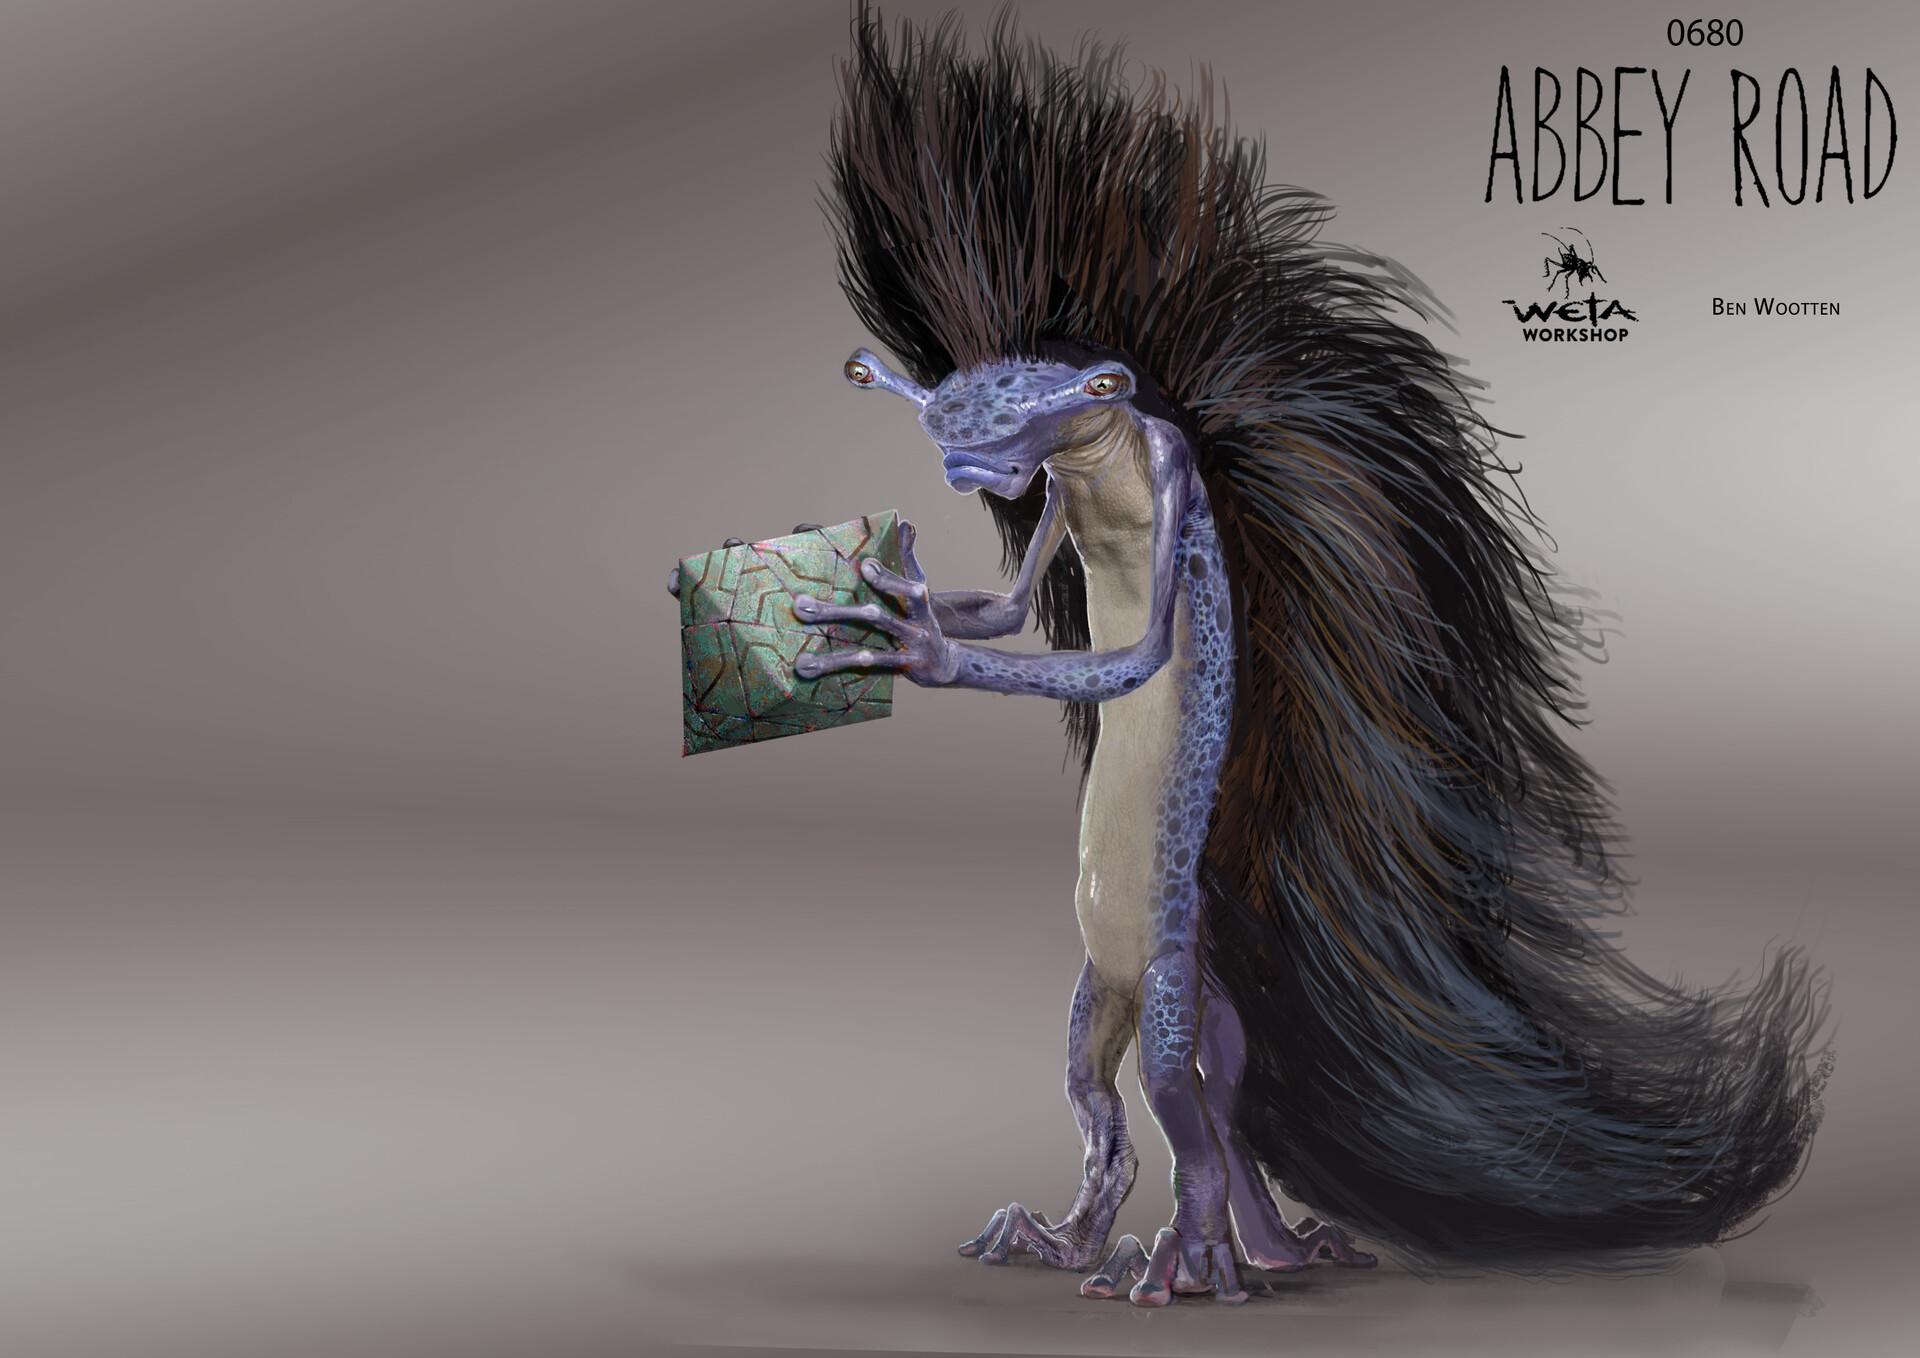 Bassam Creature - Artist: Ben Wootten